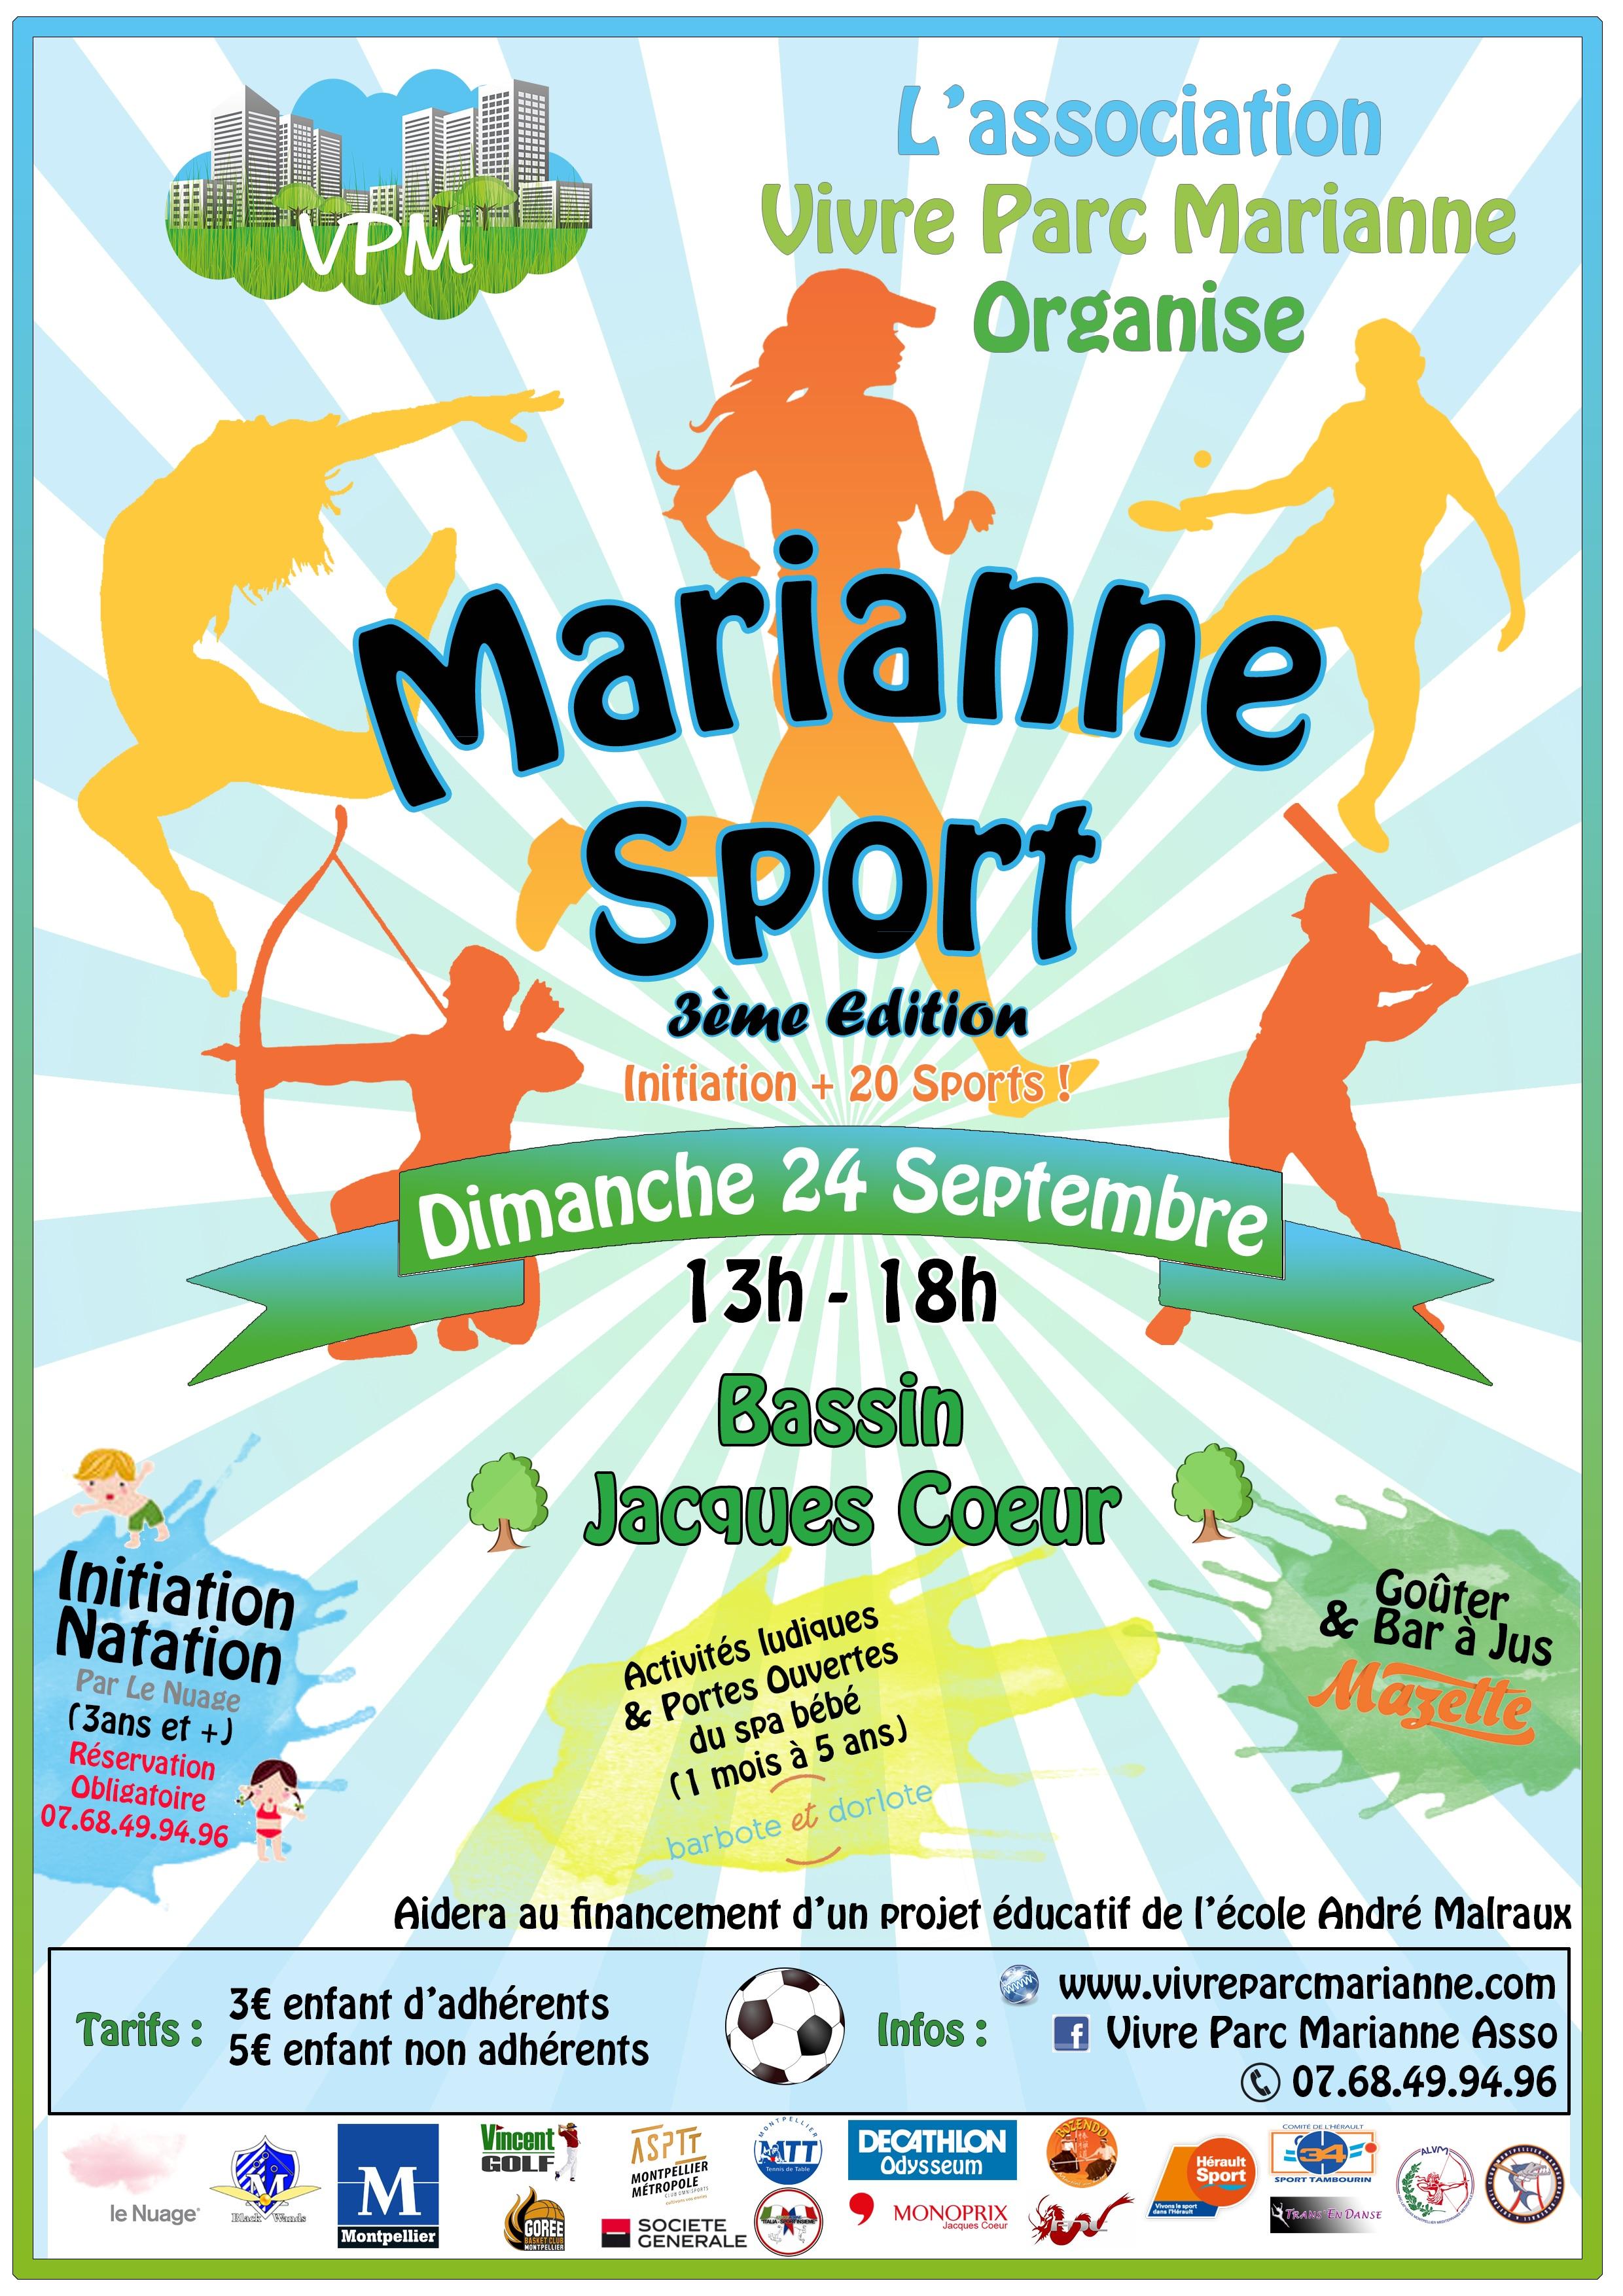 Marianne Sport 3ième édition